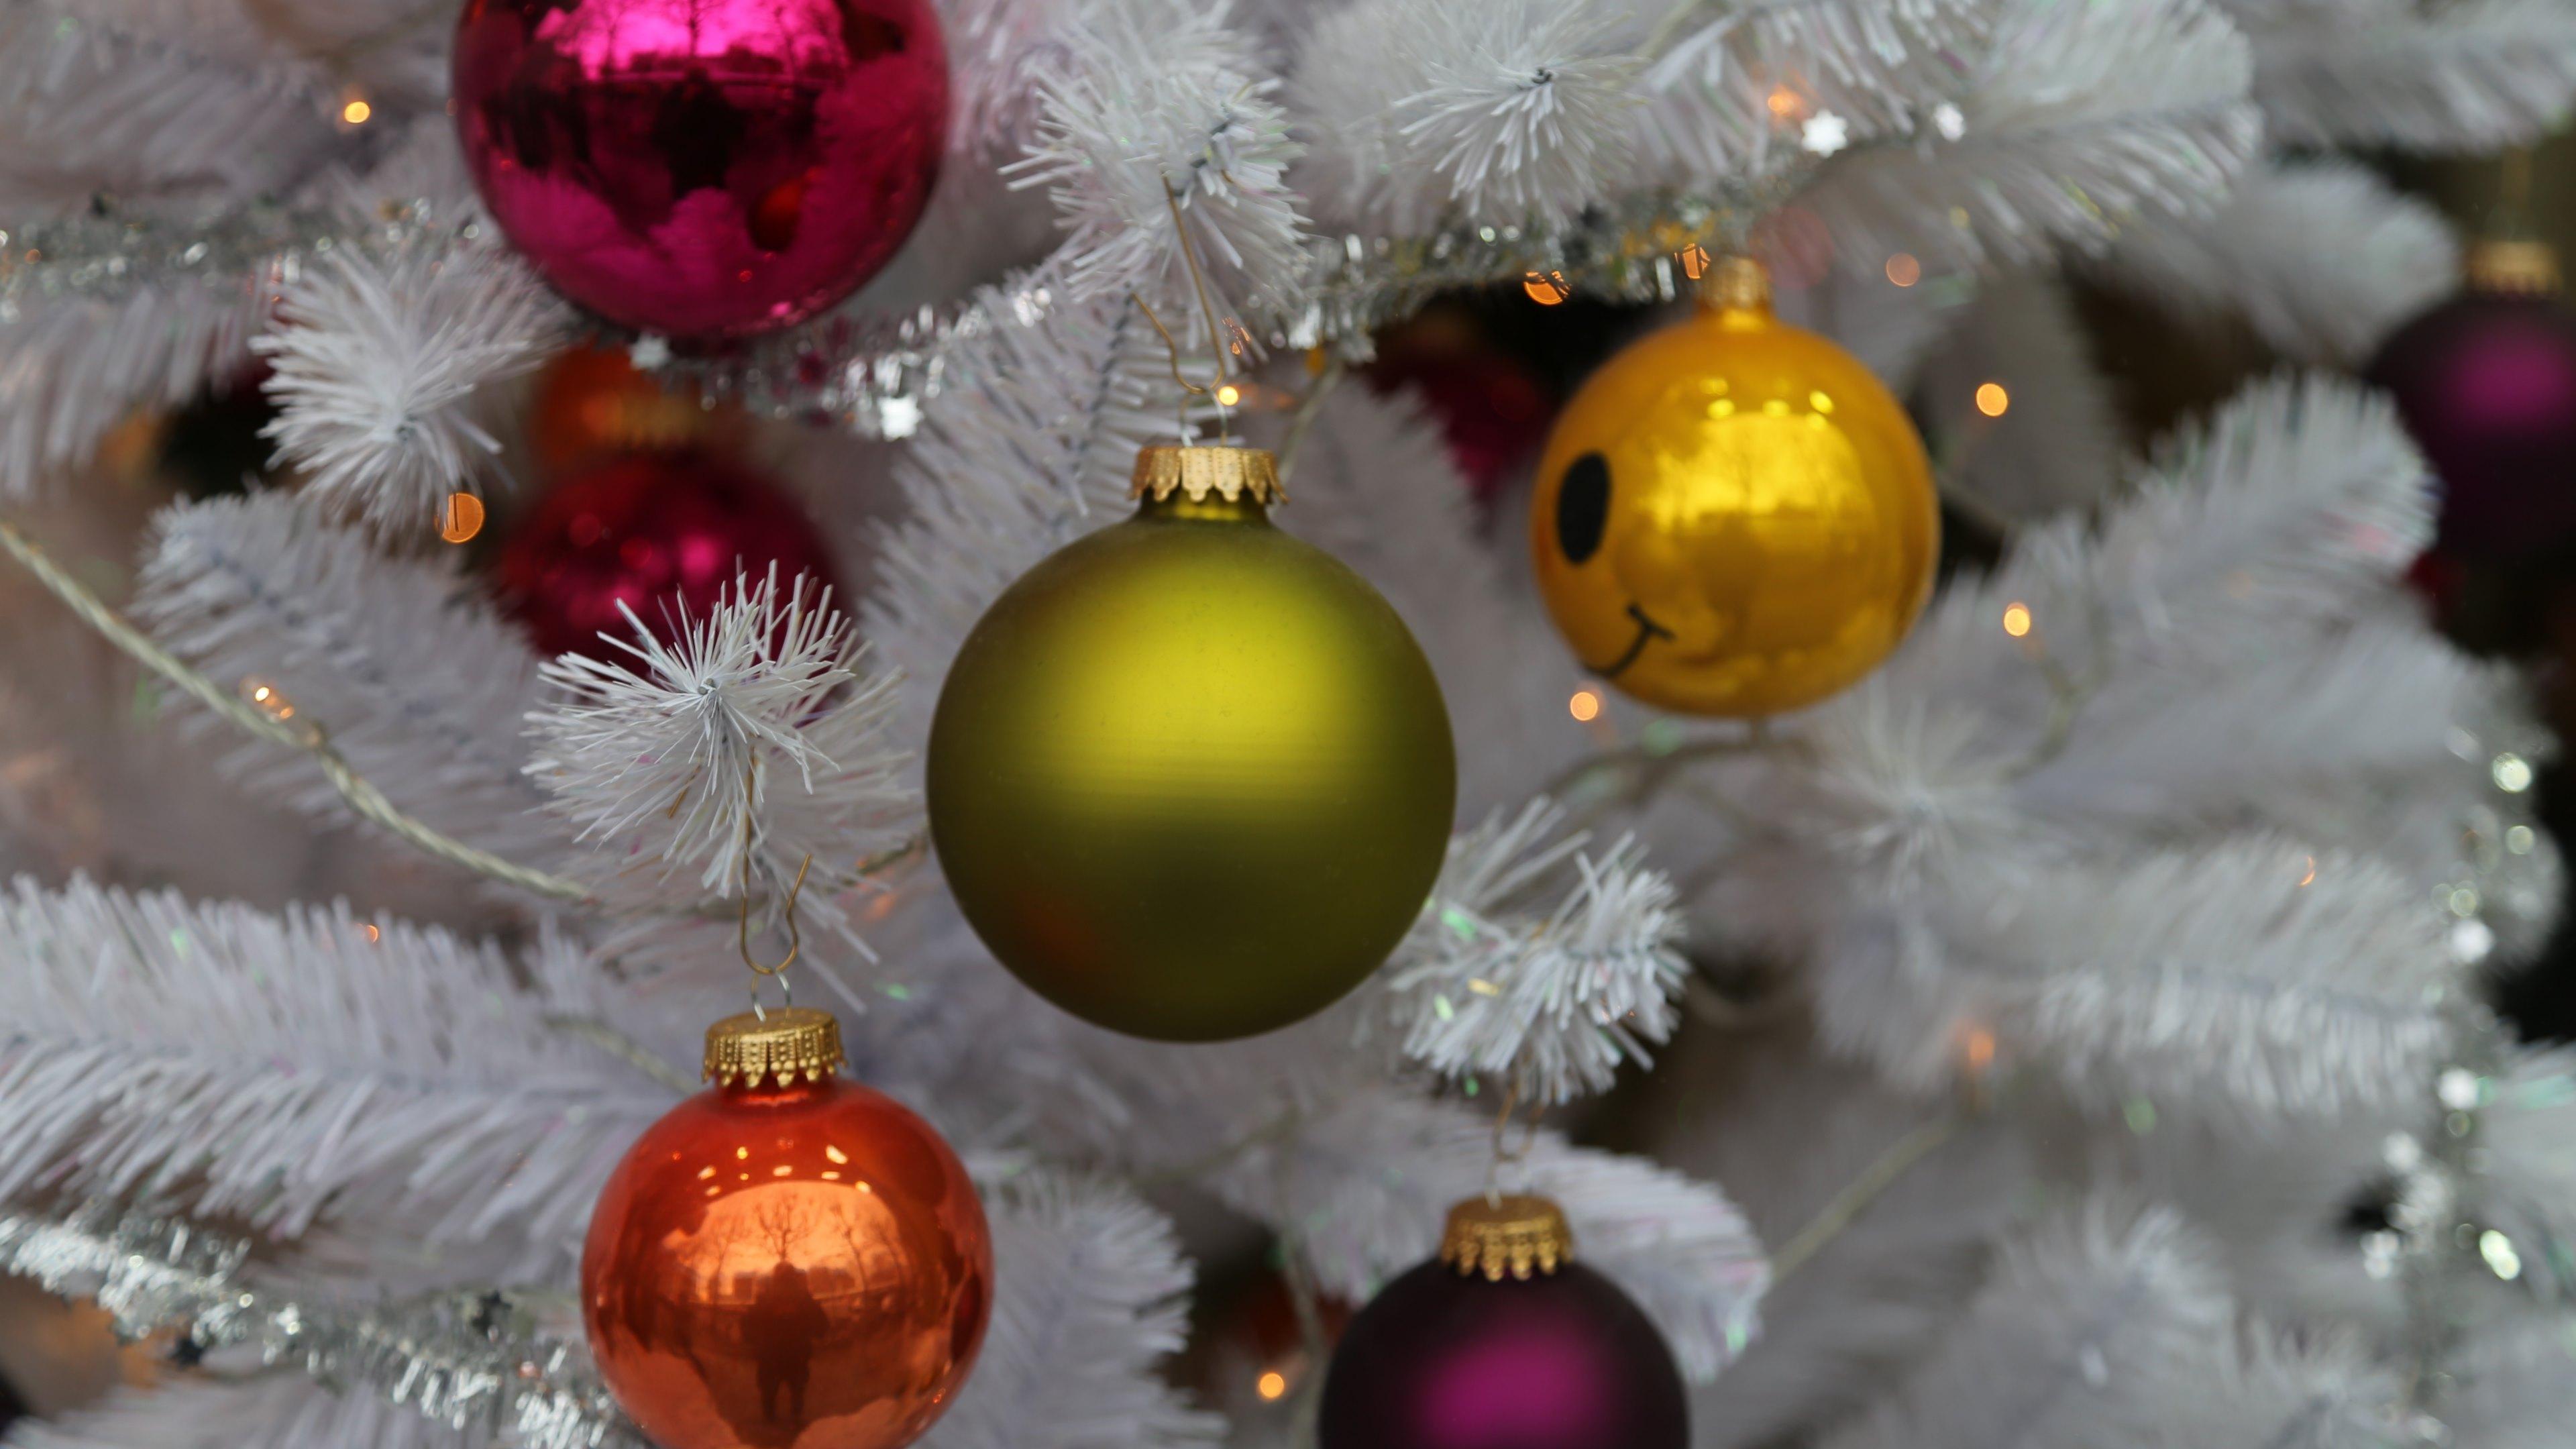 Christmas Balls Wallpaper 4k , HD Wallpaper & Backgrounds